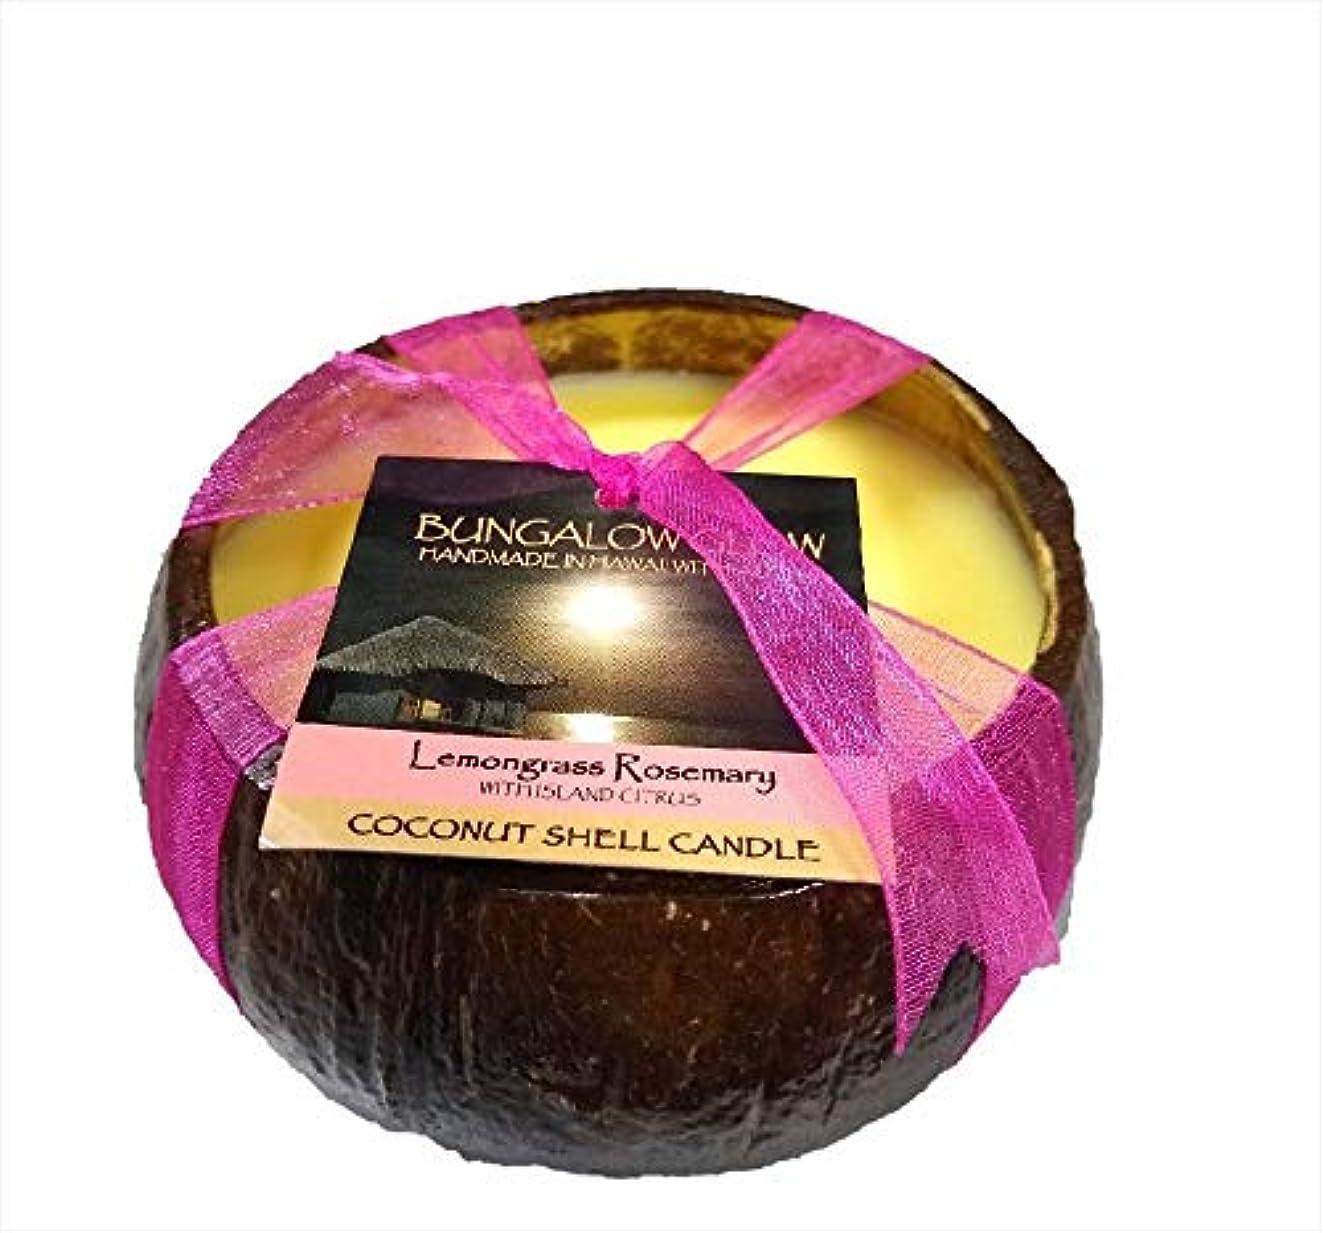 と遊ぶ勤勉指定する【正規輸入品】 バブルシャック?ハワイ Bubble shack Coconut Shell candle ココナッツシェルキャンドル lemongrass rosemary レモングラスローズマリー 500g